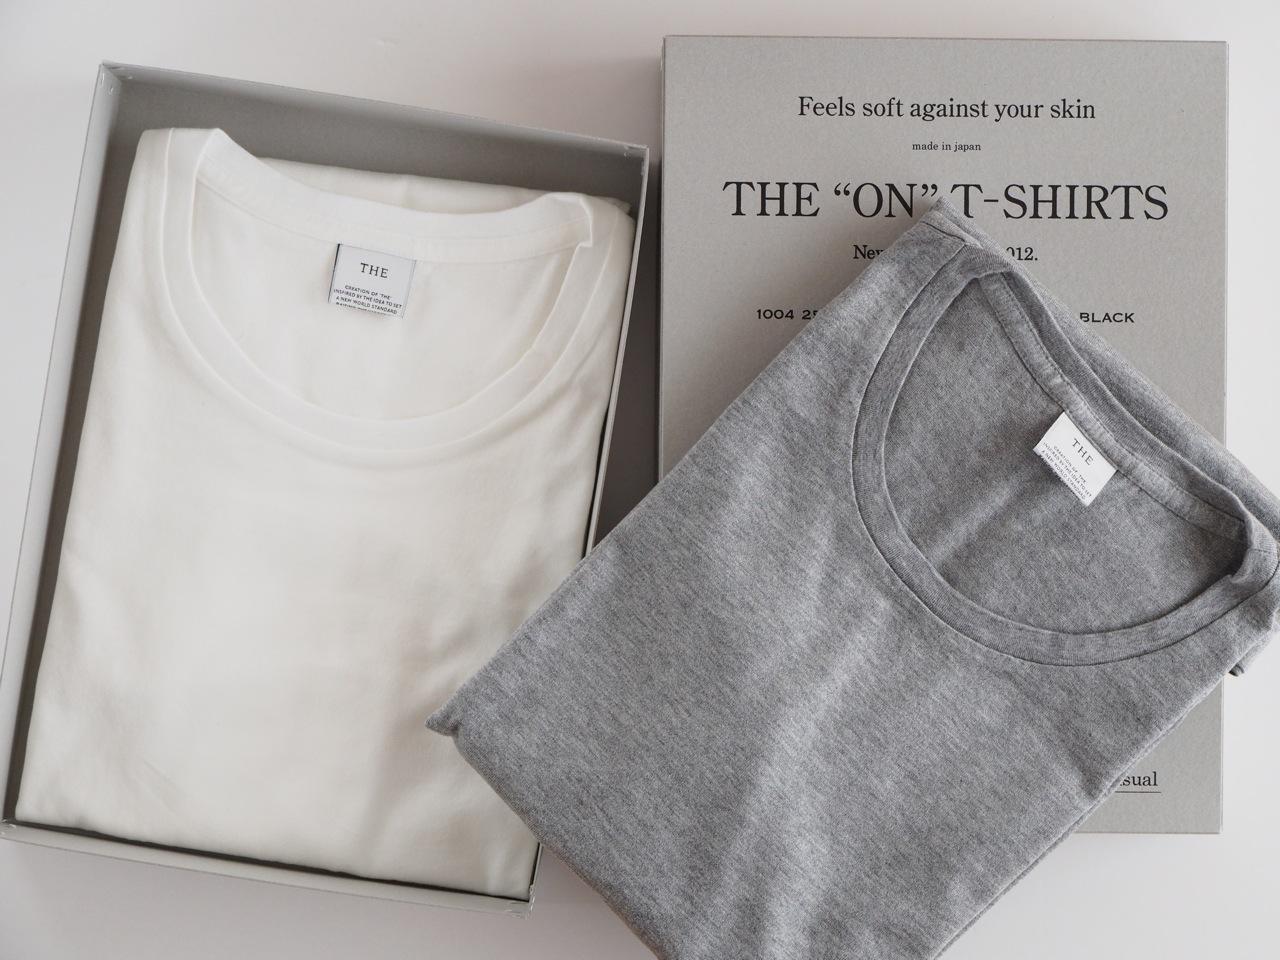 ジャケットやブルゾンの下に着る上質のTシャツ